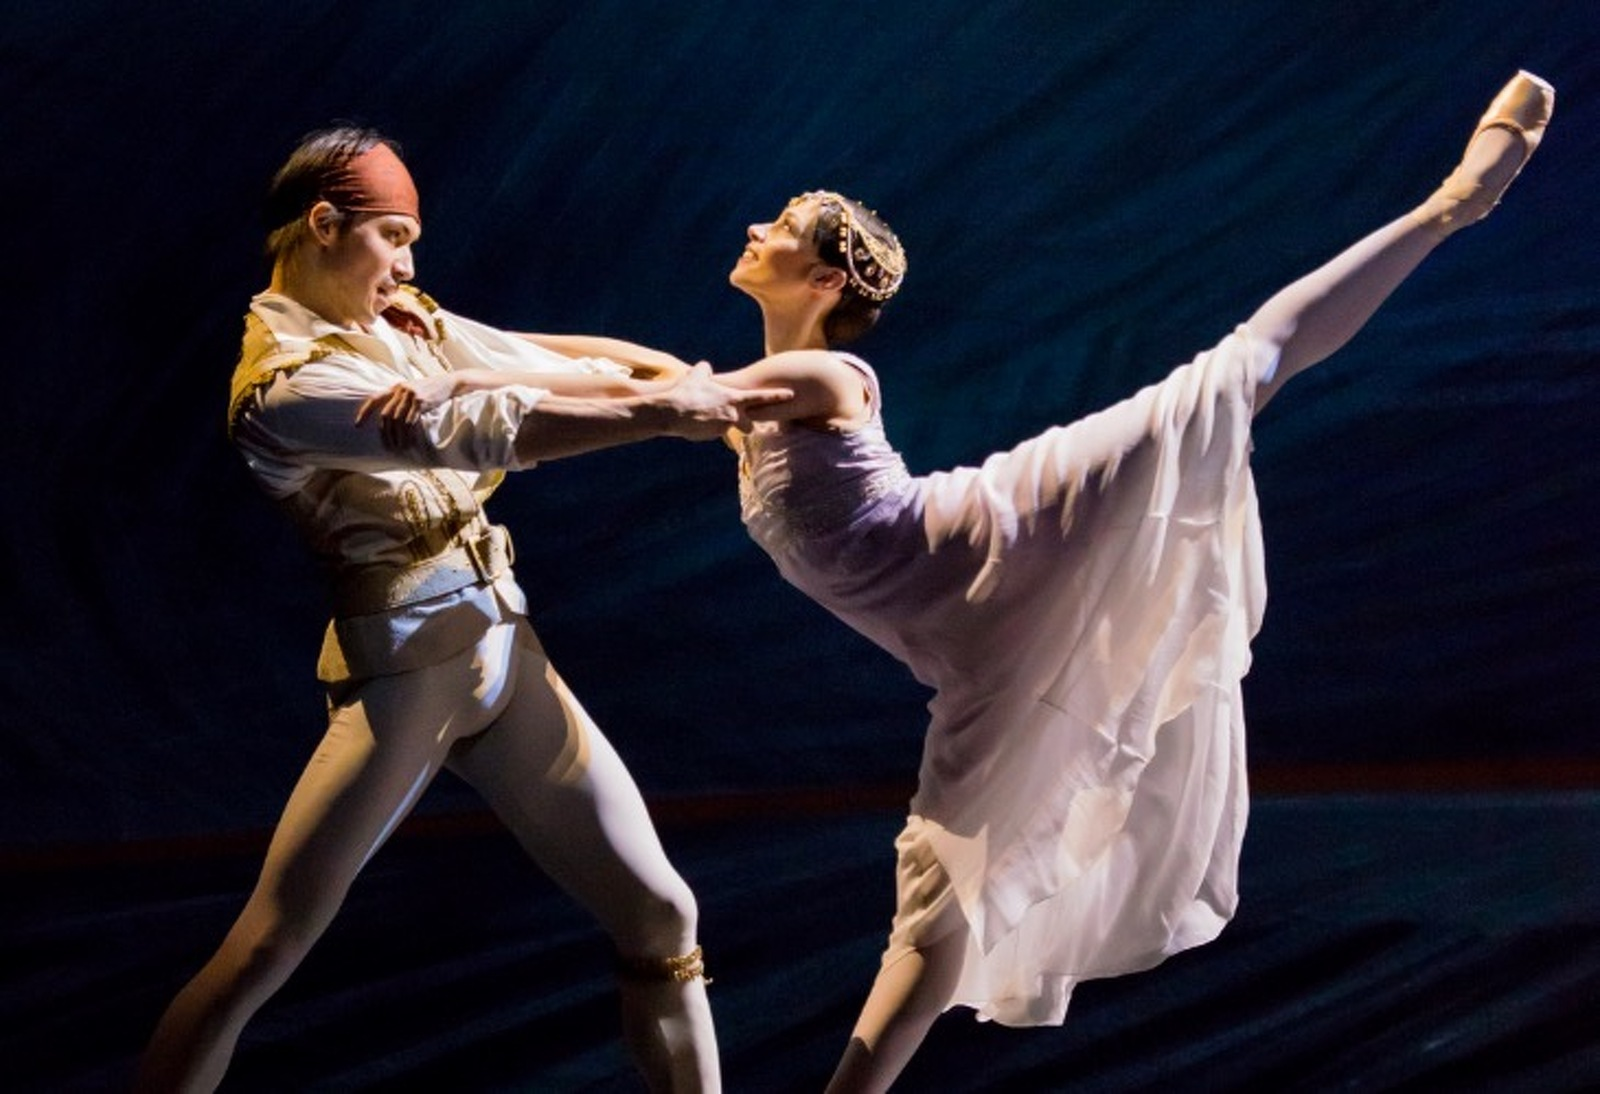 Gala d'estrelles del Ballet de l'Òpera de Viena